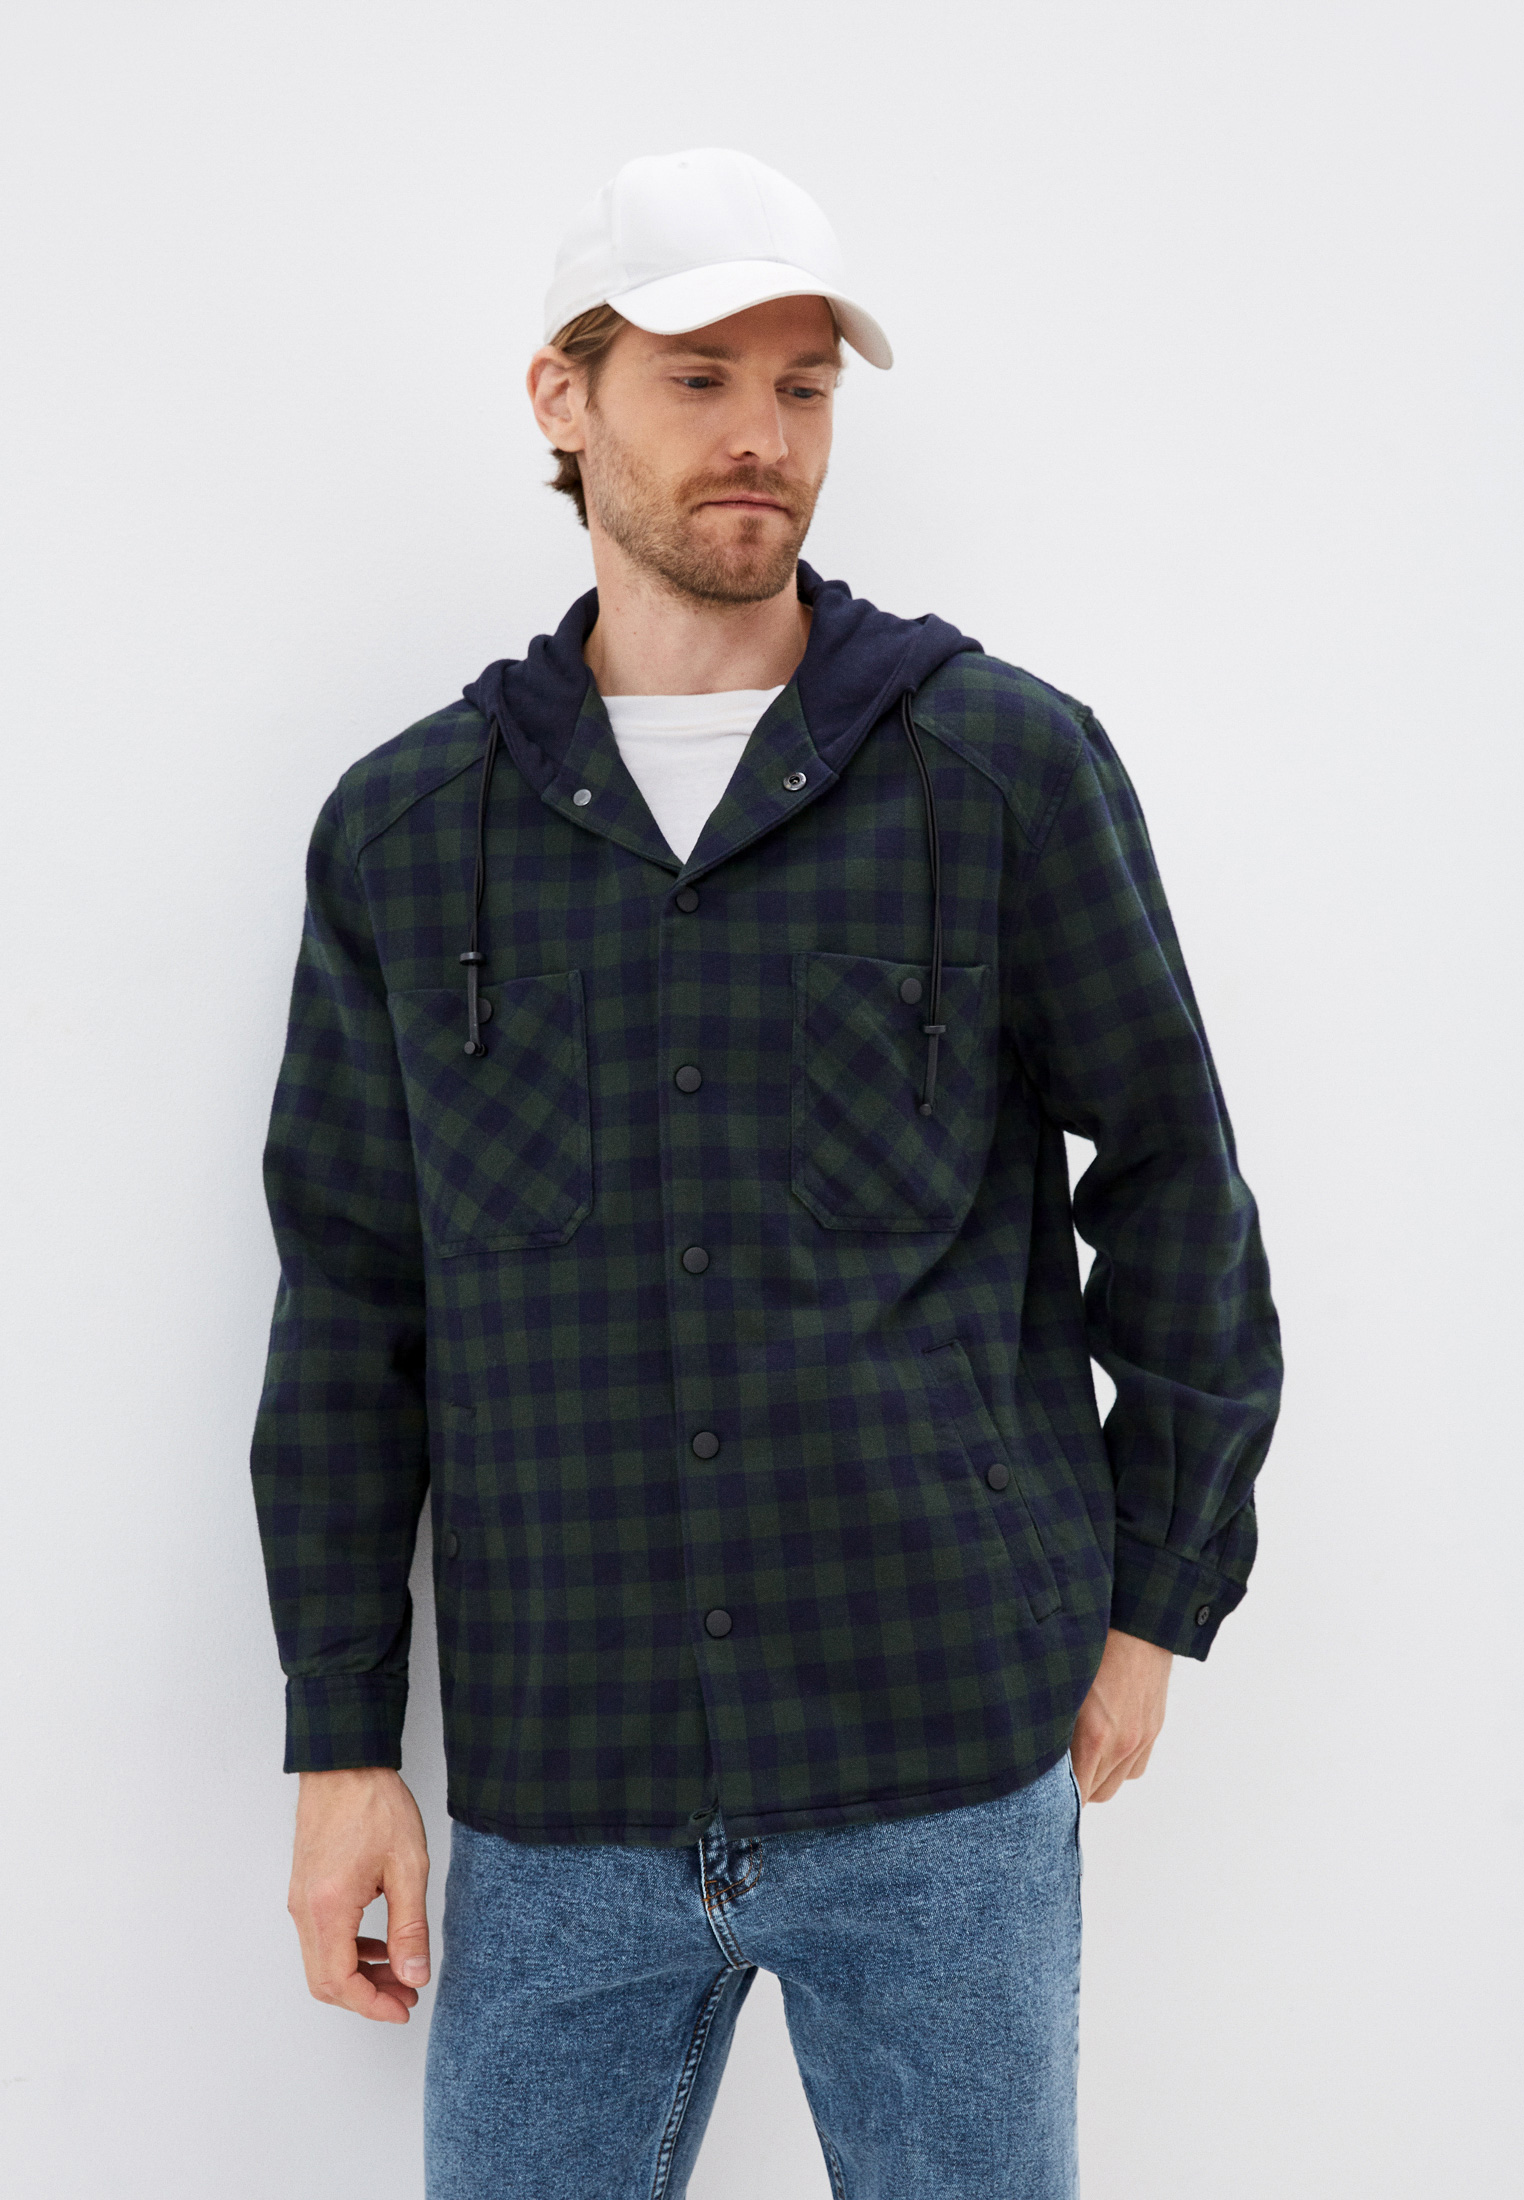 Утепленная куртка Antony Morato Куртка утепленная Antony Morato